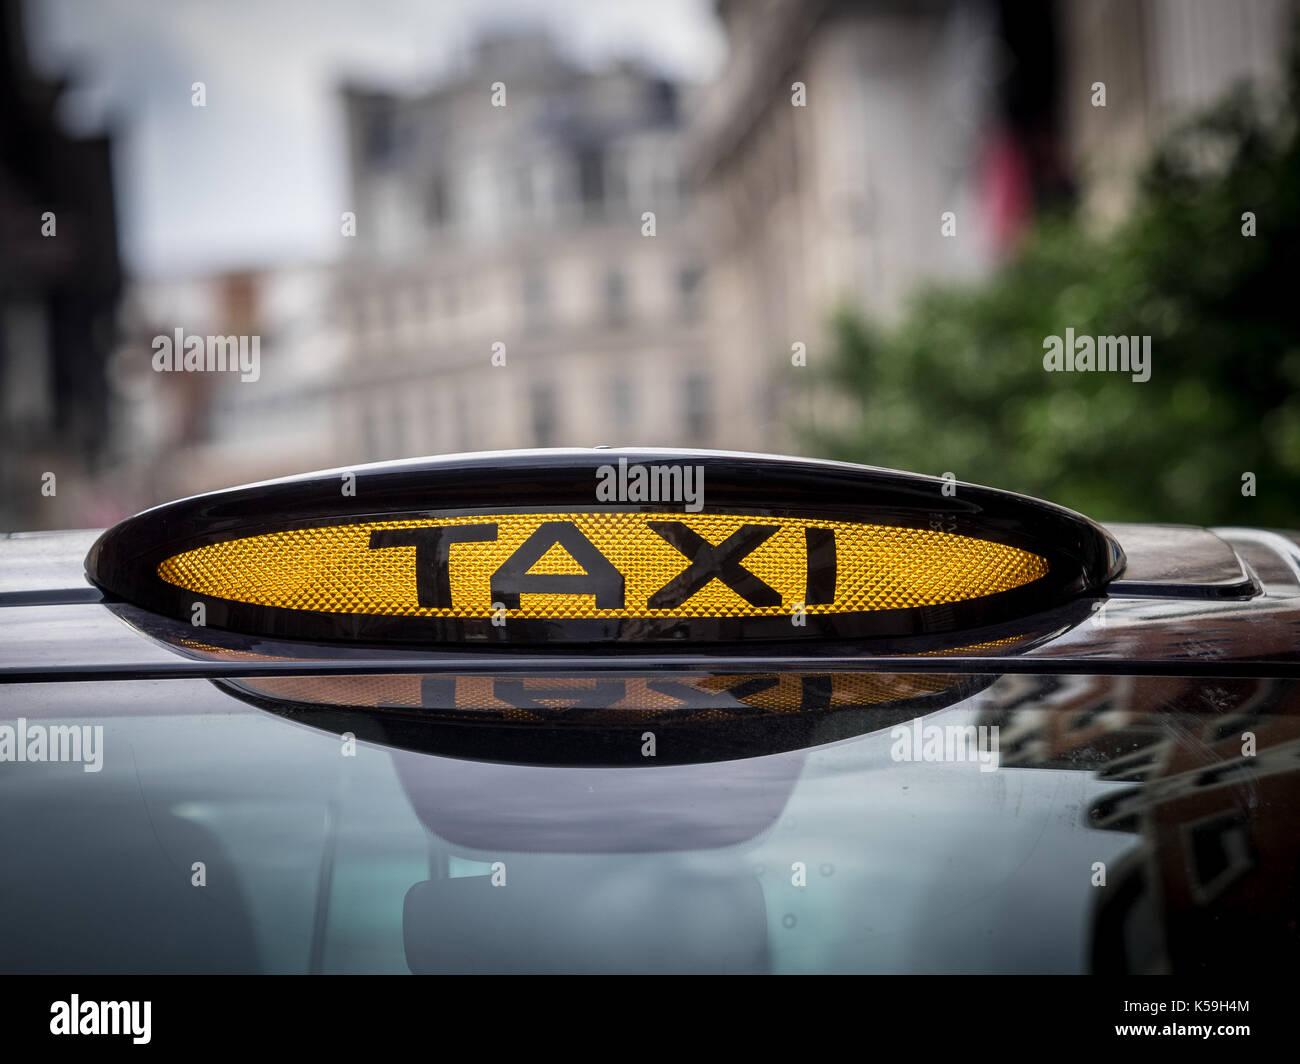 Mercedes Vito London Taxi Black Cab - Zeichen auf einem Mercedes Vito Taxi in Central London. Der Vito ist eine Alternative zu den traditionellen Black Cab Stockbild